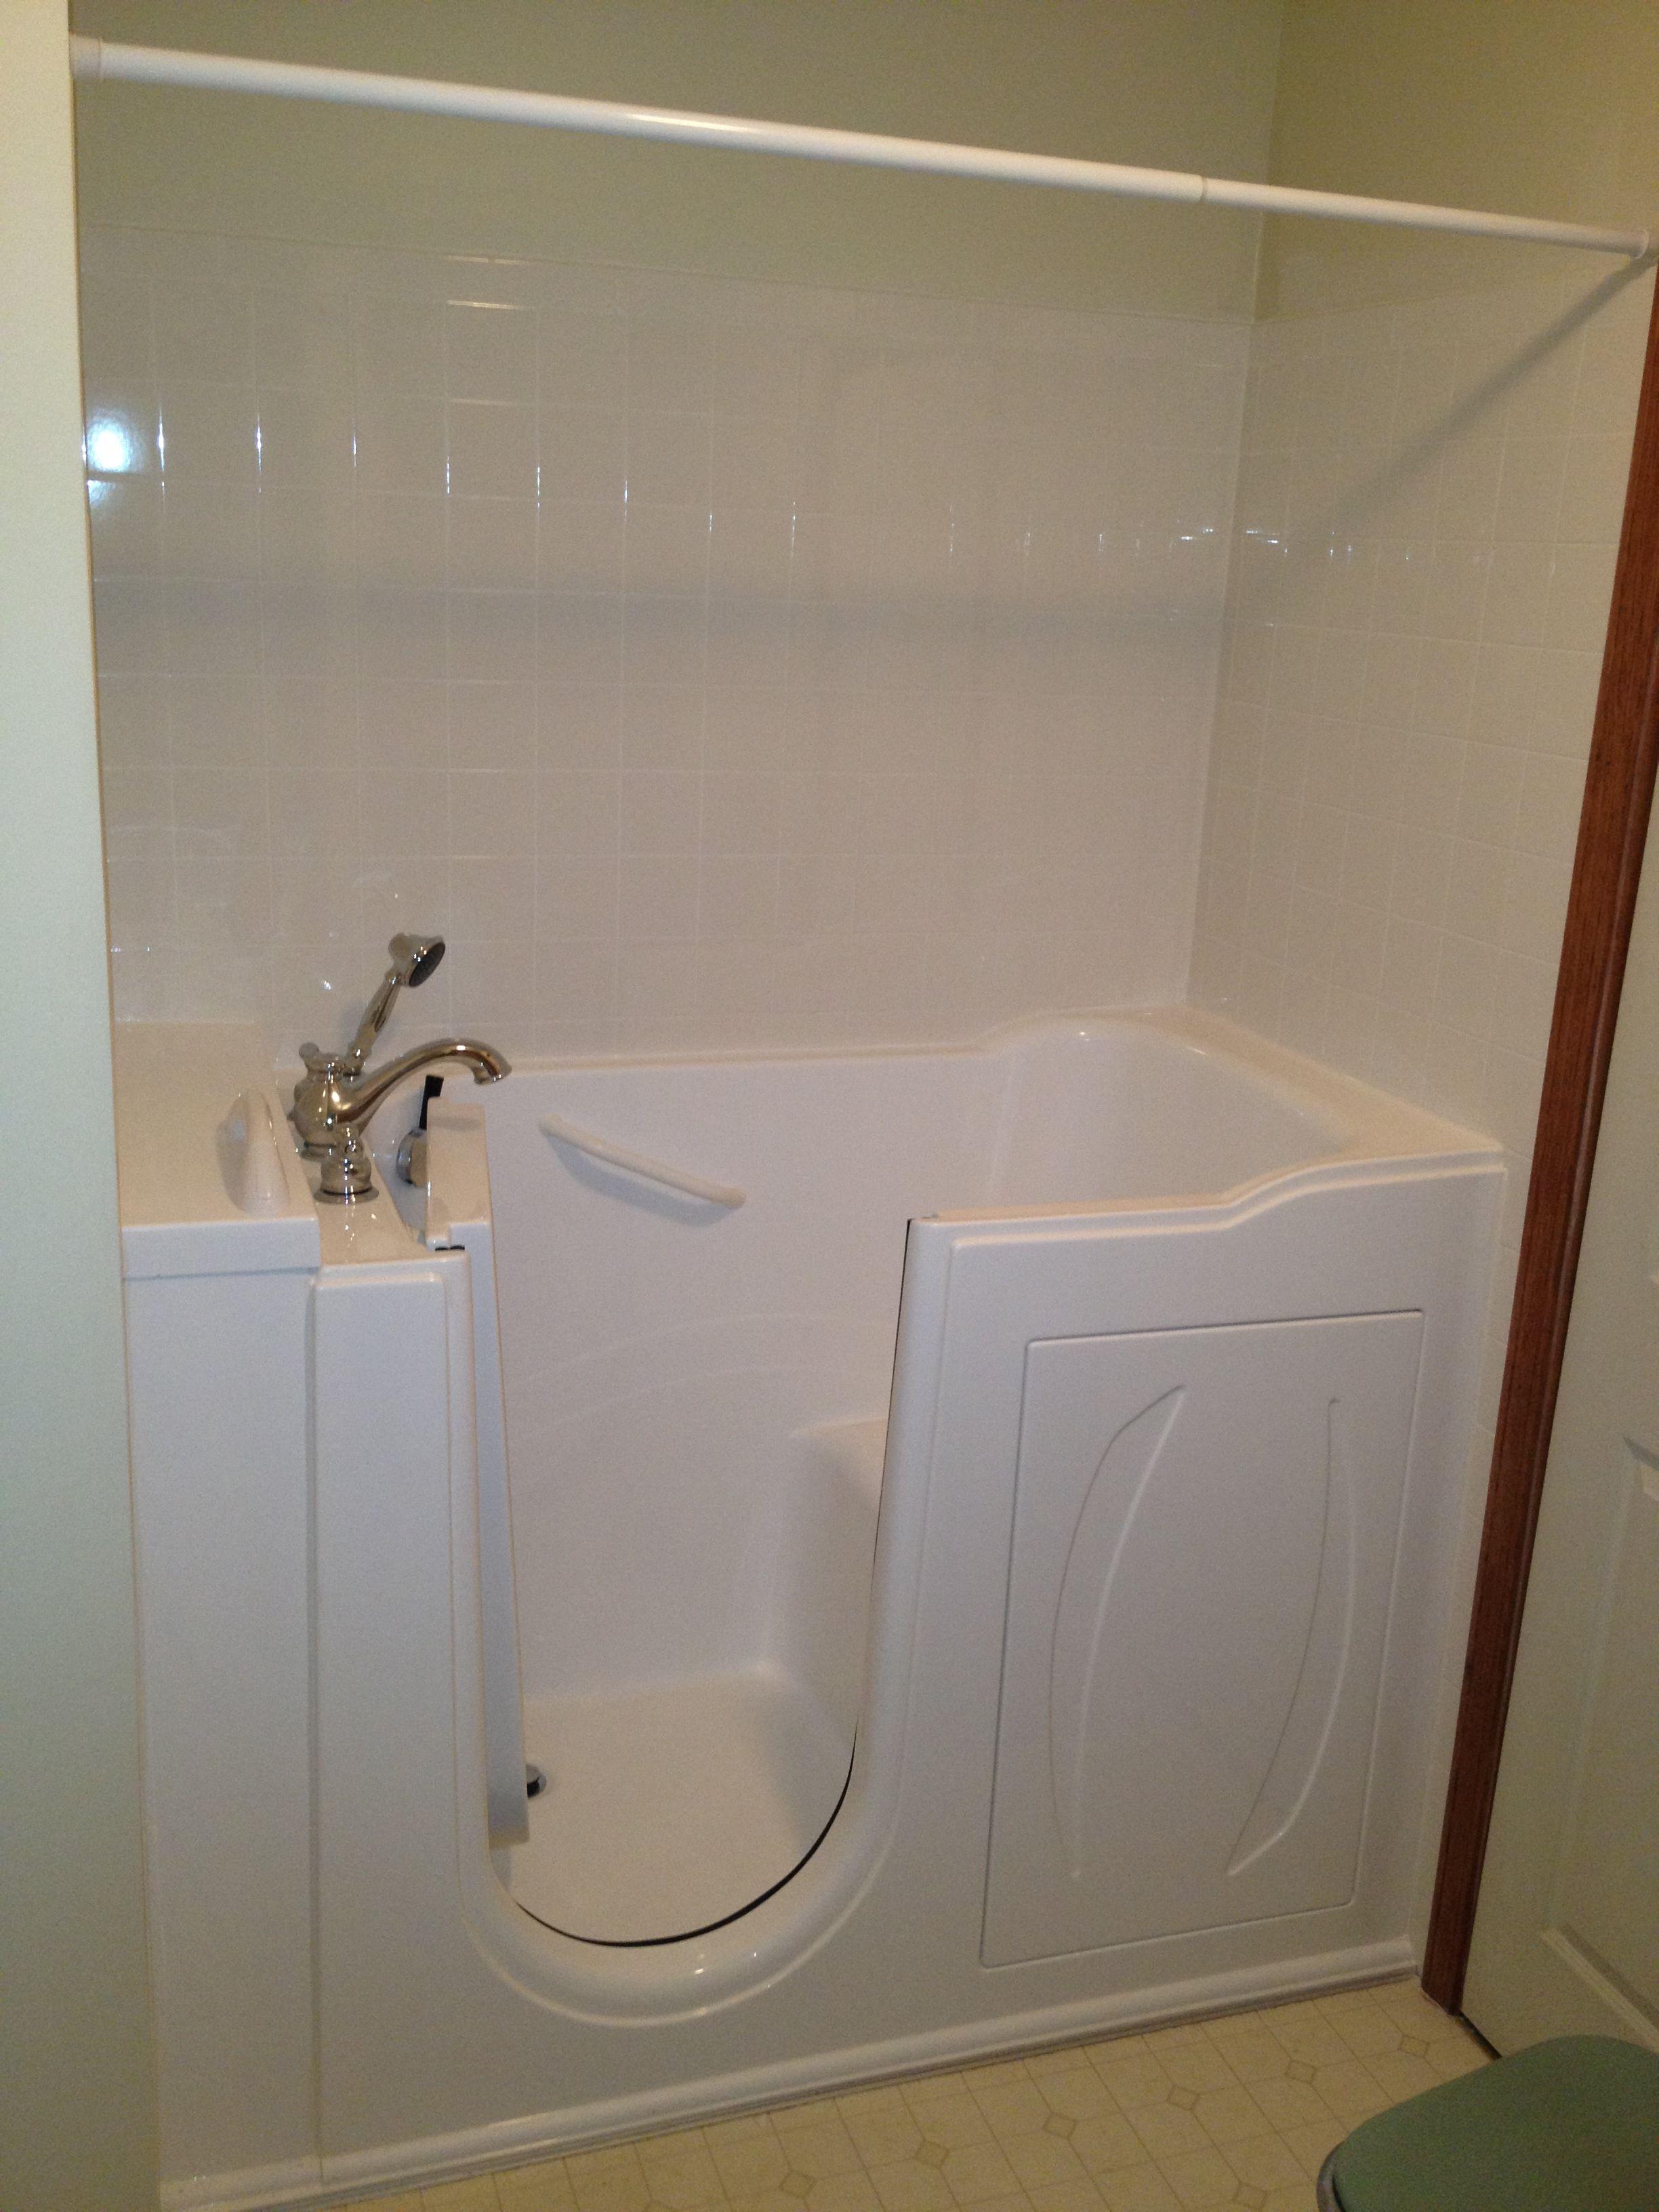 100 Trojan Shower Bath Easy Access Shower Bath Valens Easy Access Bath Category Baths Set